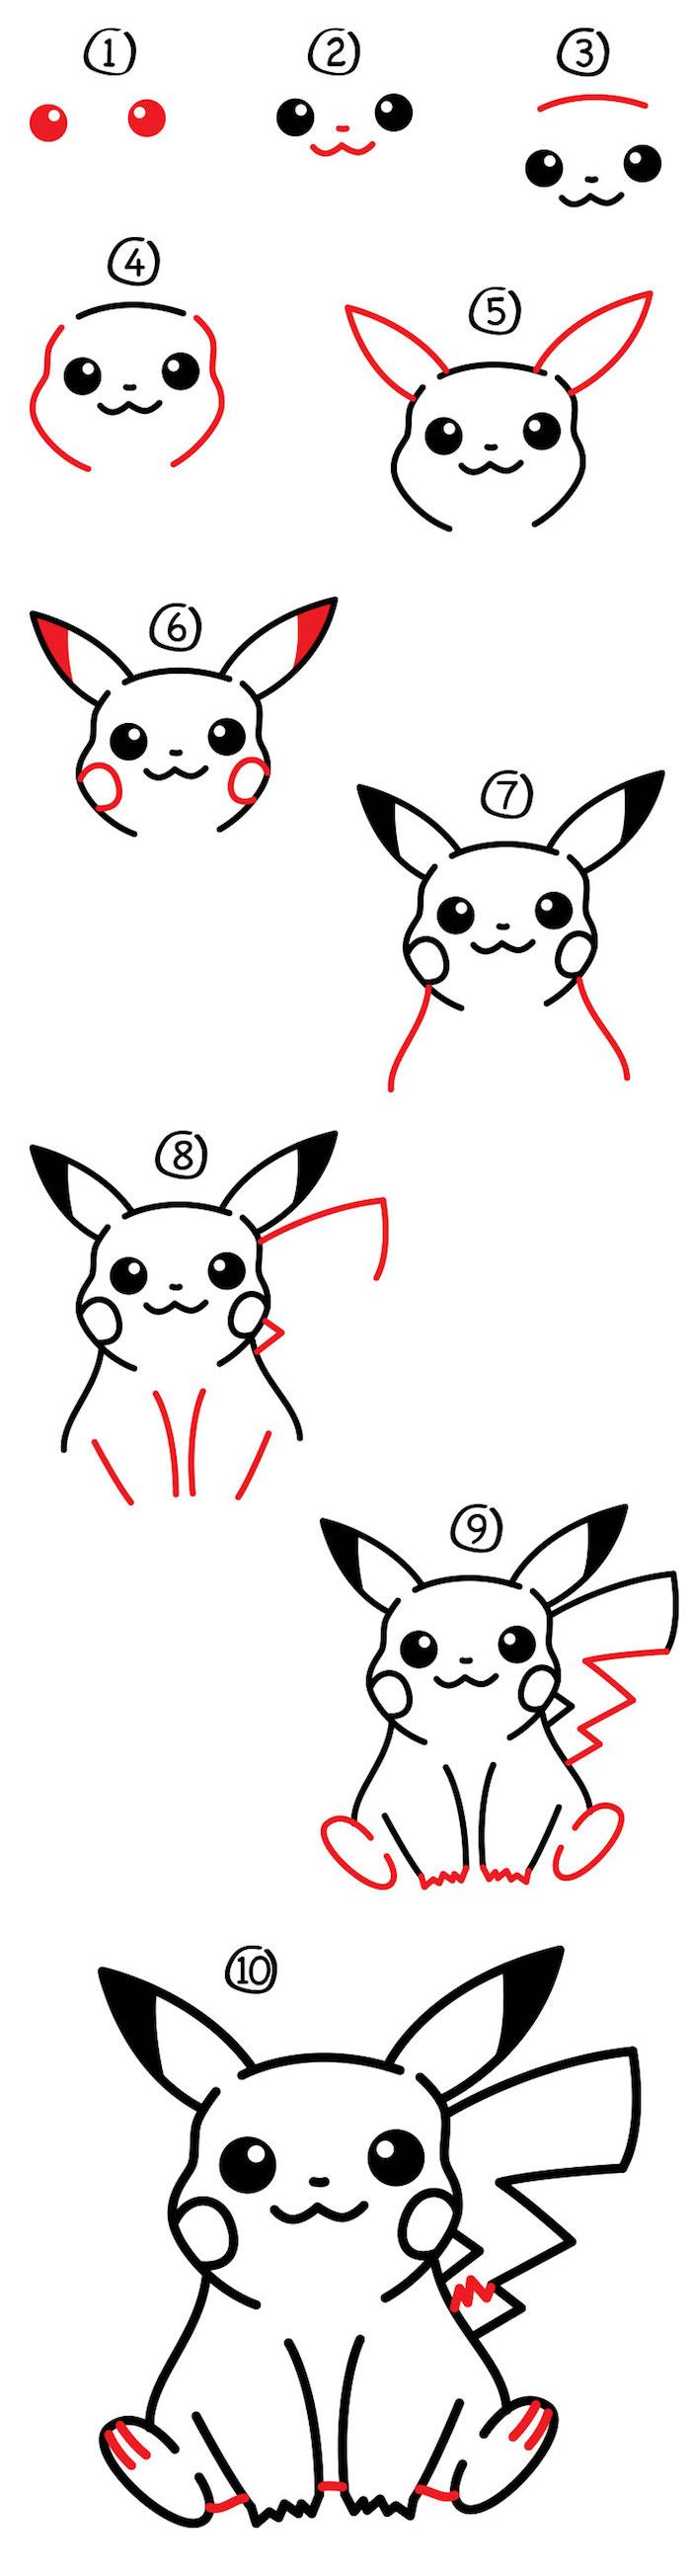 Comment dessiner un chien idée dessin de chien facile image dessin mignon pikachu dessin pas à pas